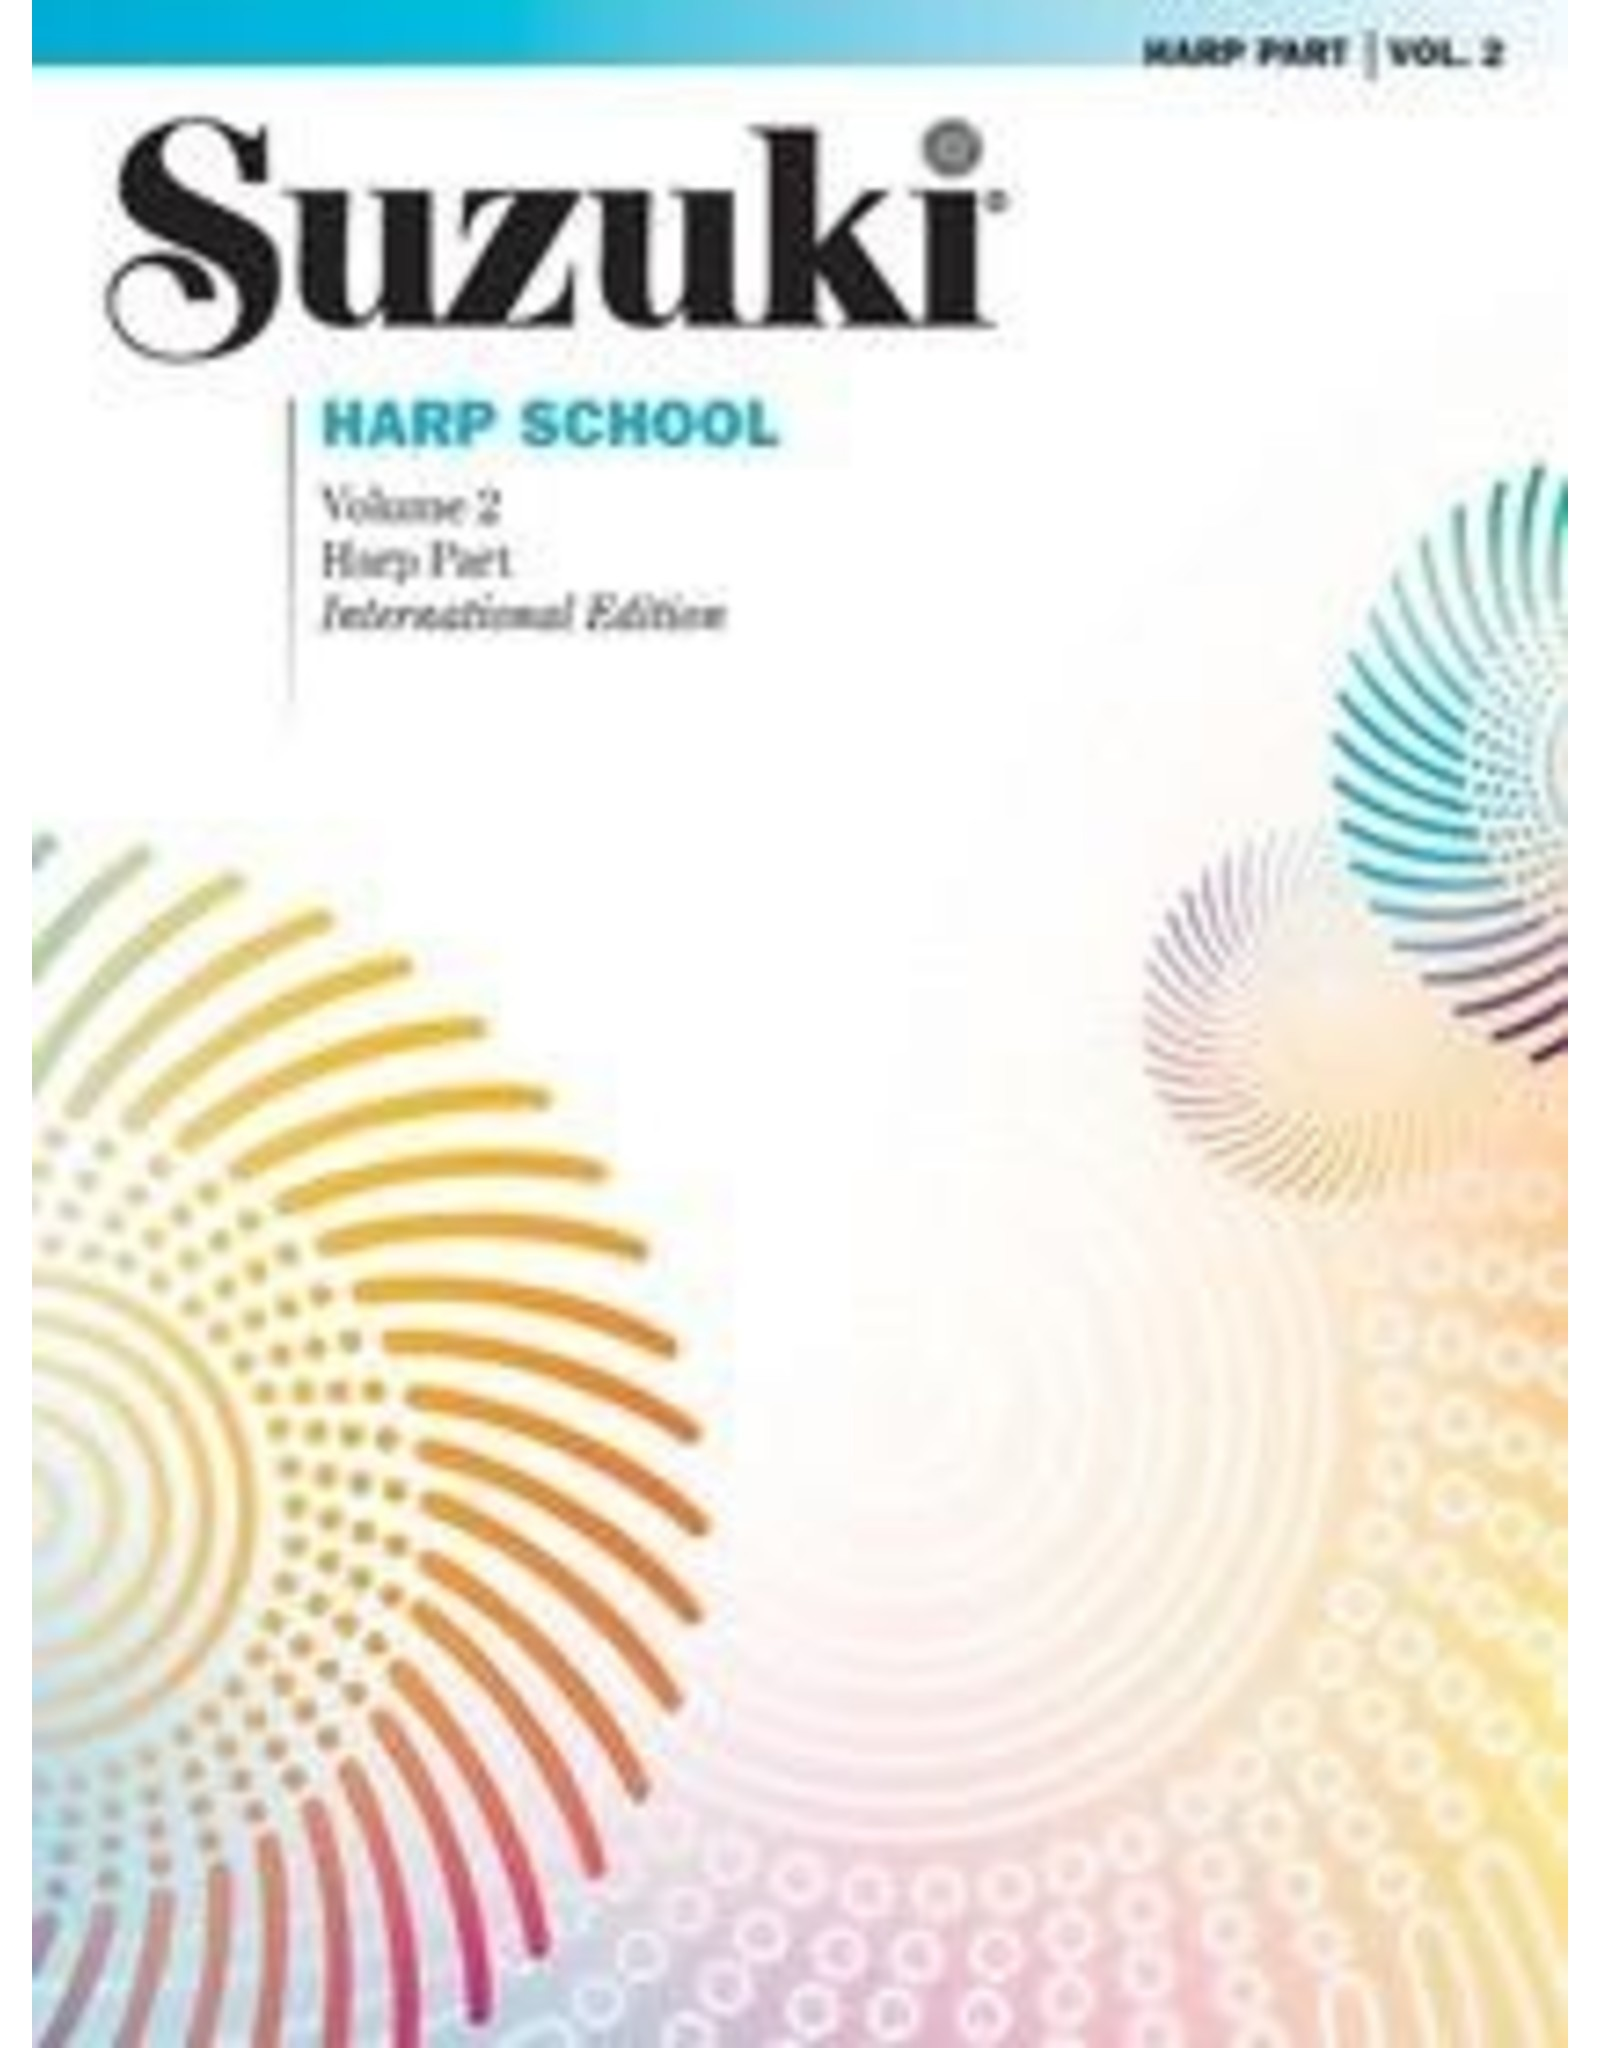 Alfred Suzuki Harp School, Volume 2 Harp Part